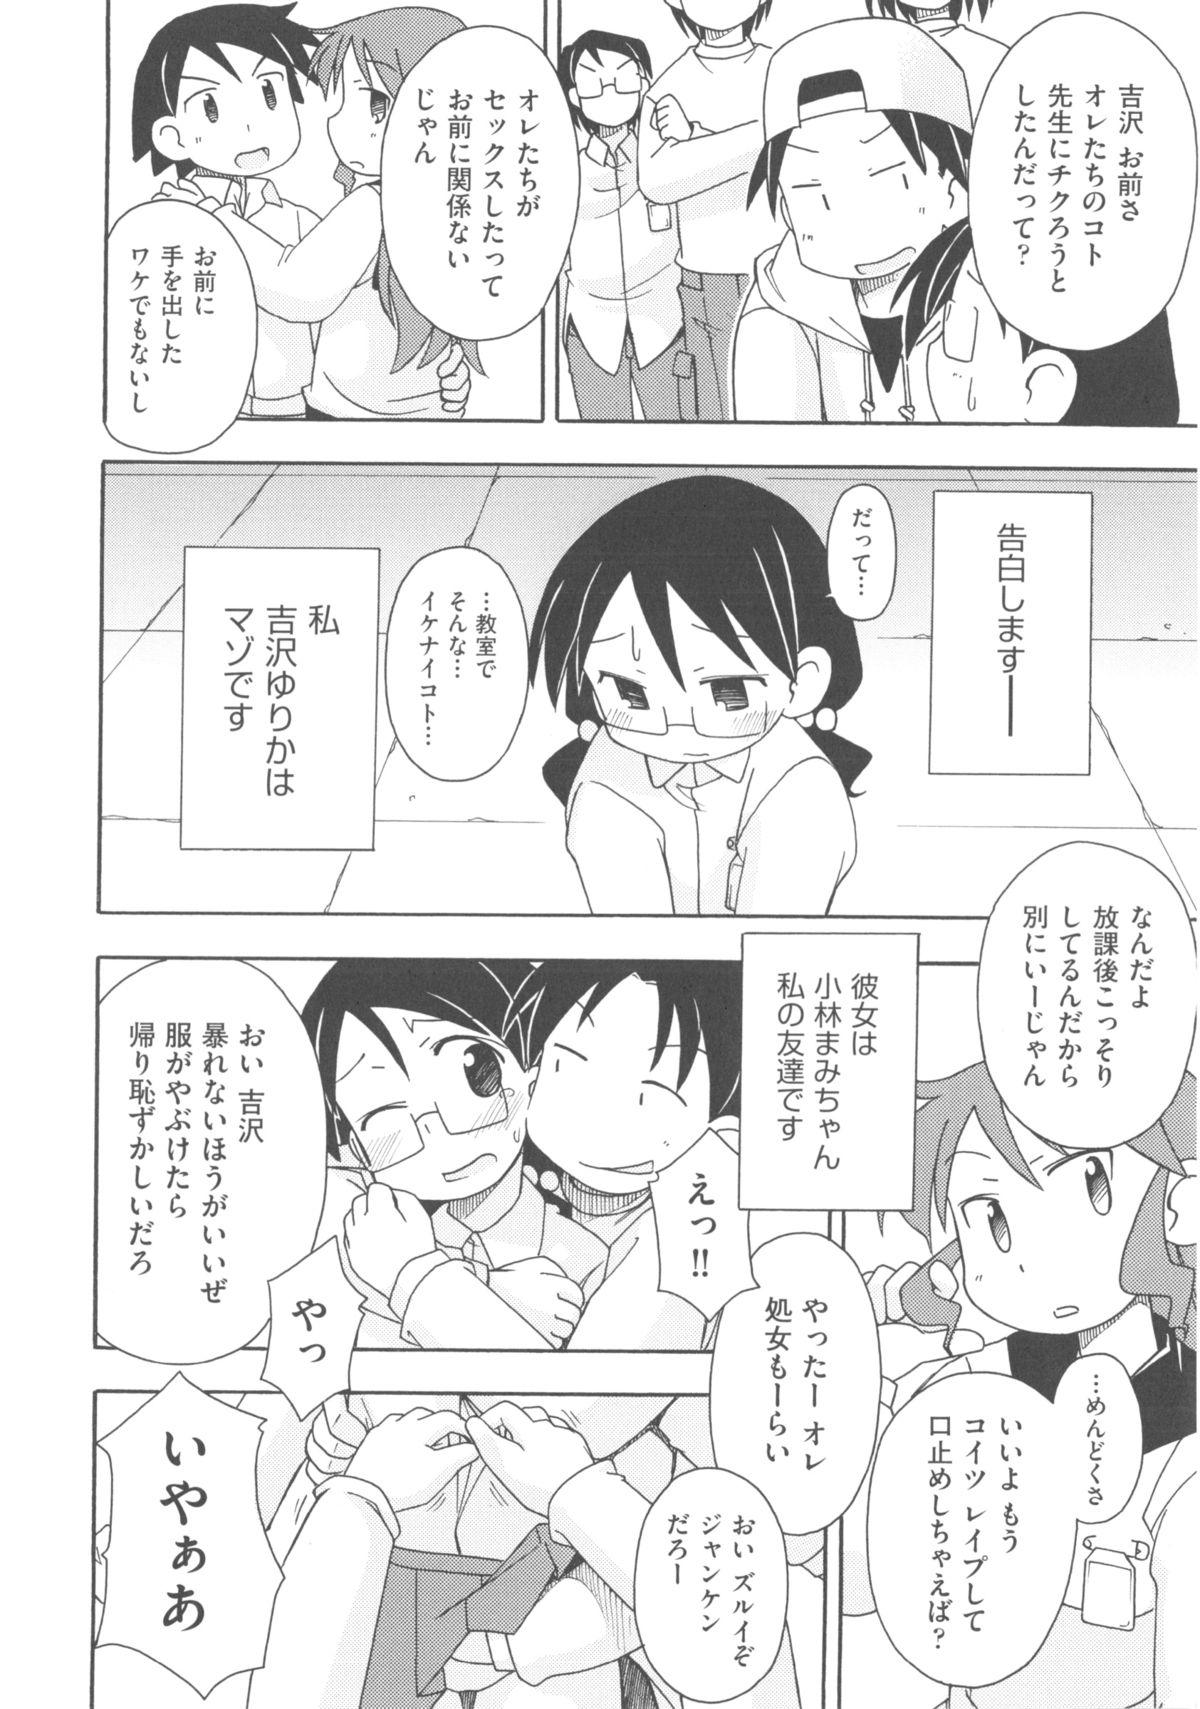 Comic Ino. 04 111